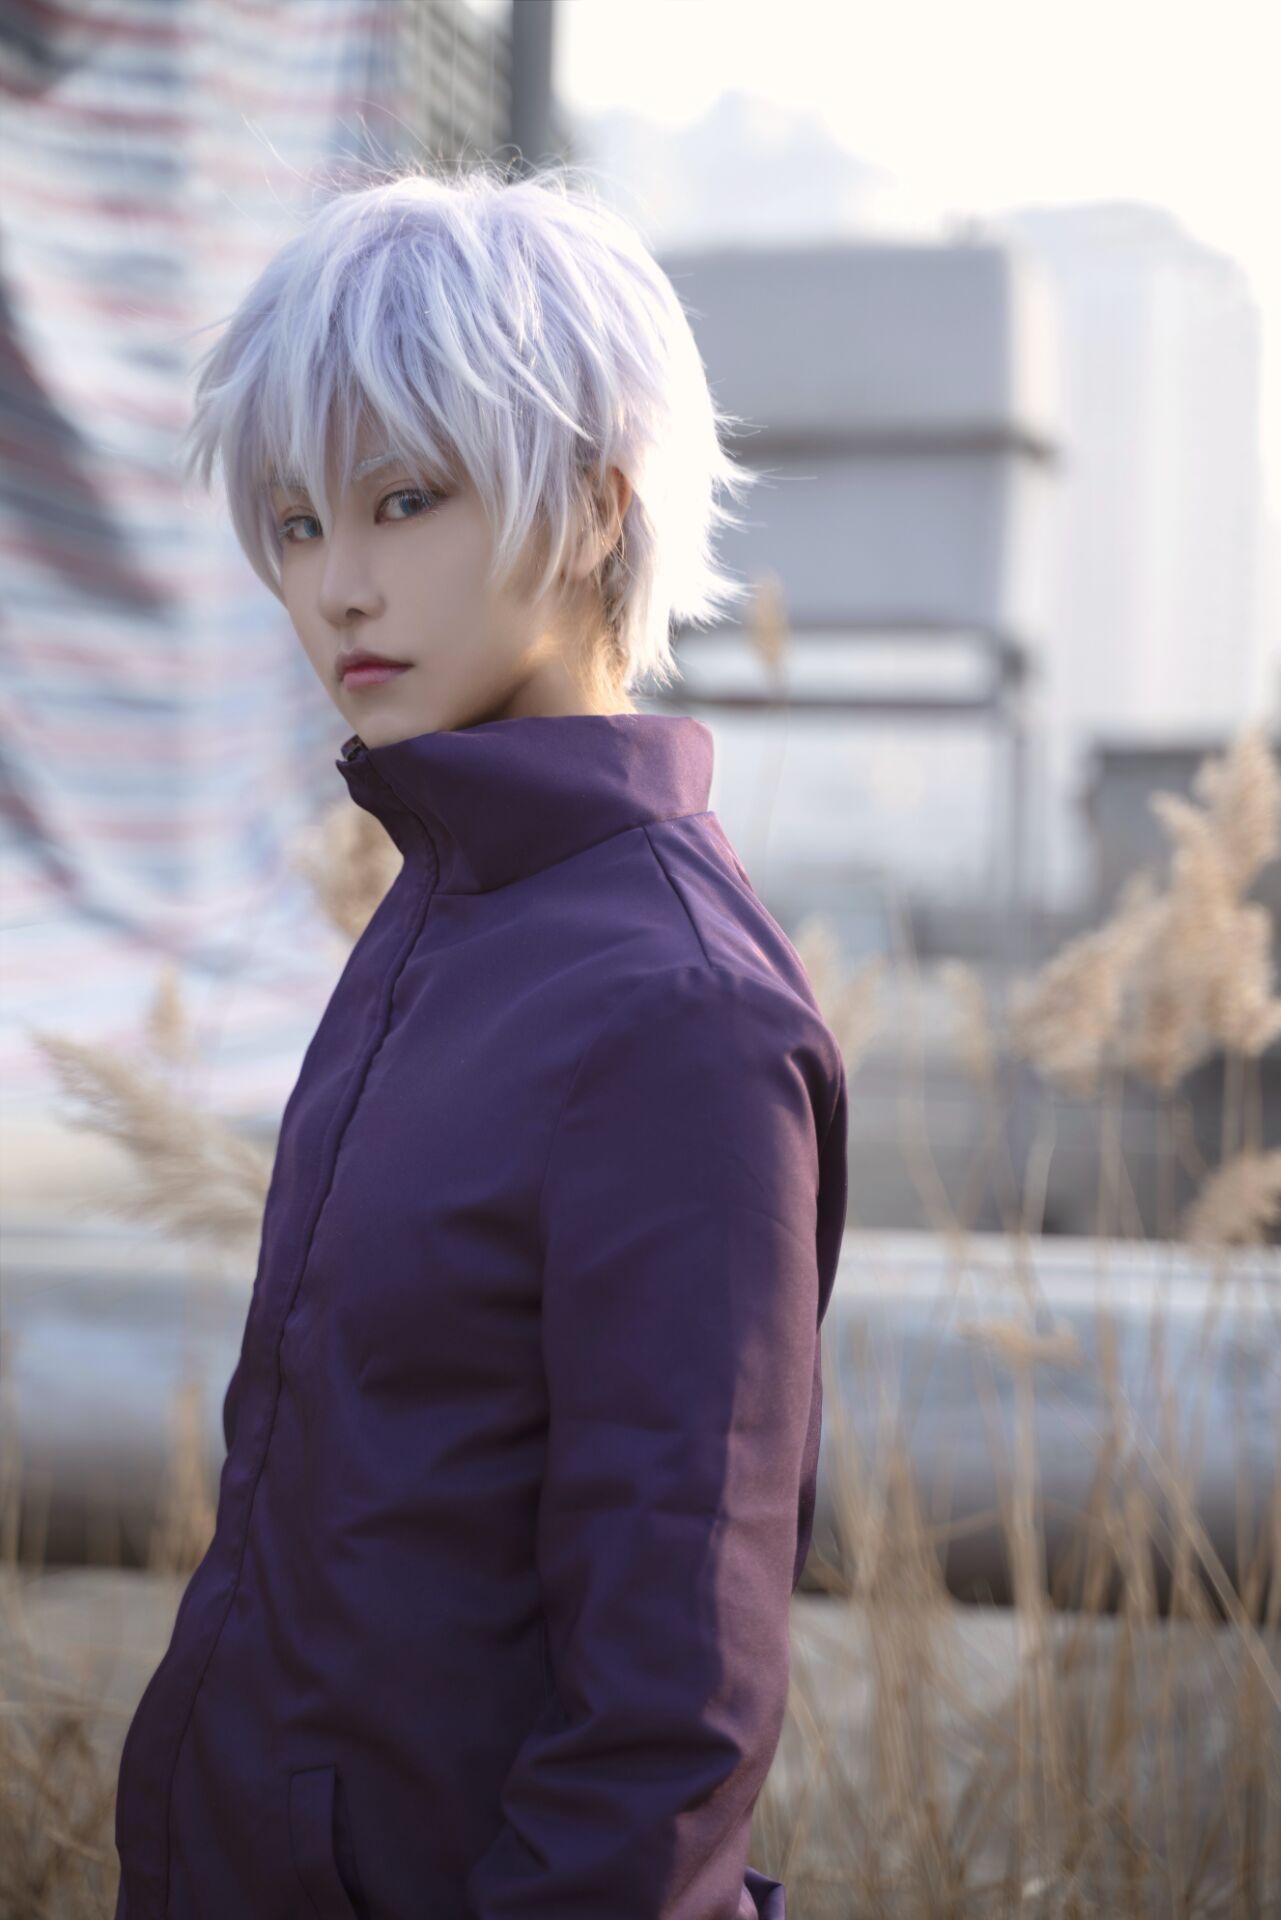 《咒术回战》是伊川啊_cosplay-第3张